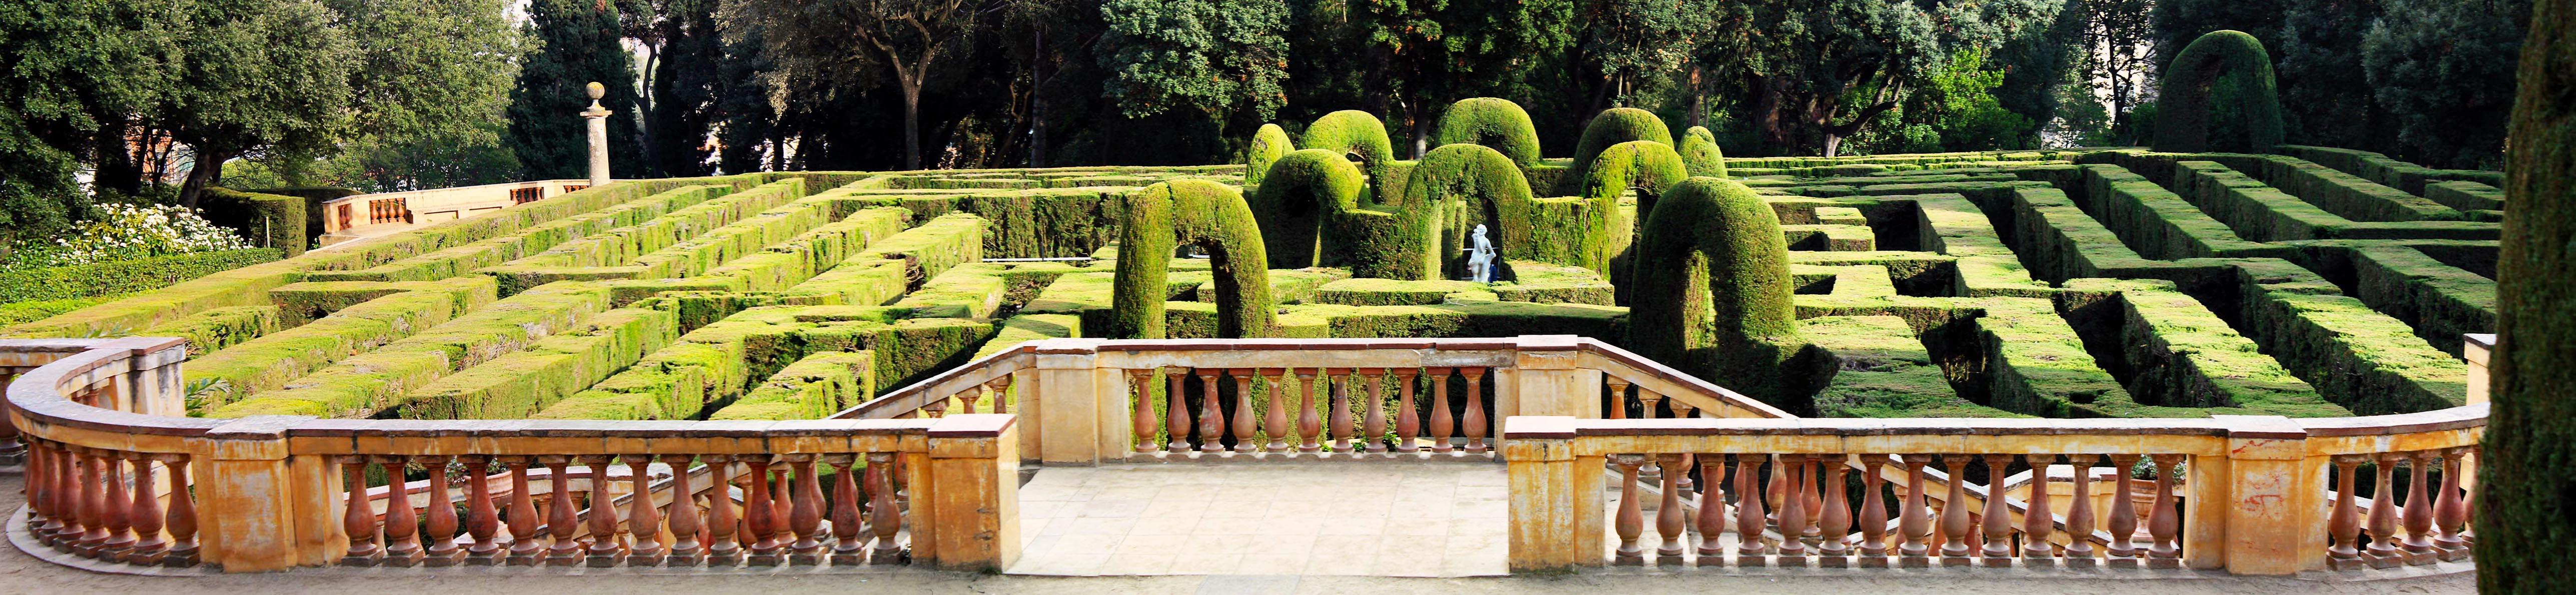 Panorama_-_Parc_del_Laberint.jpg